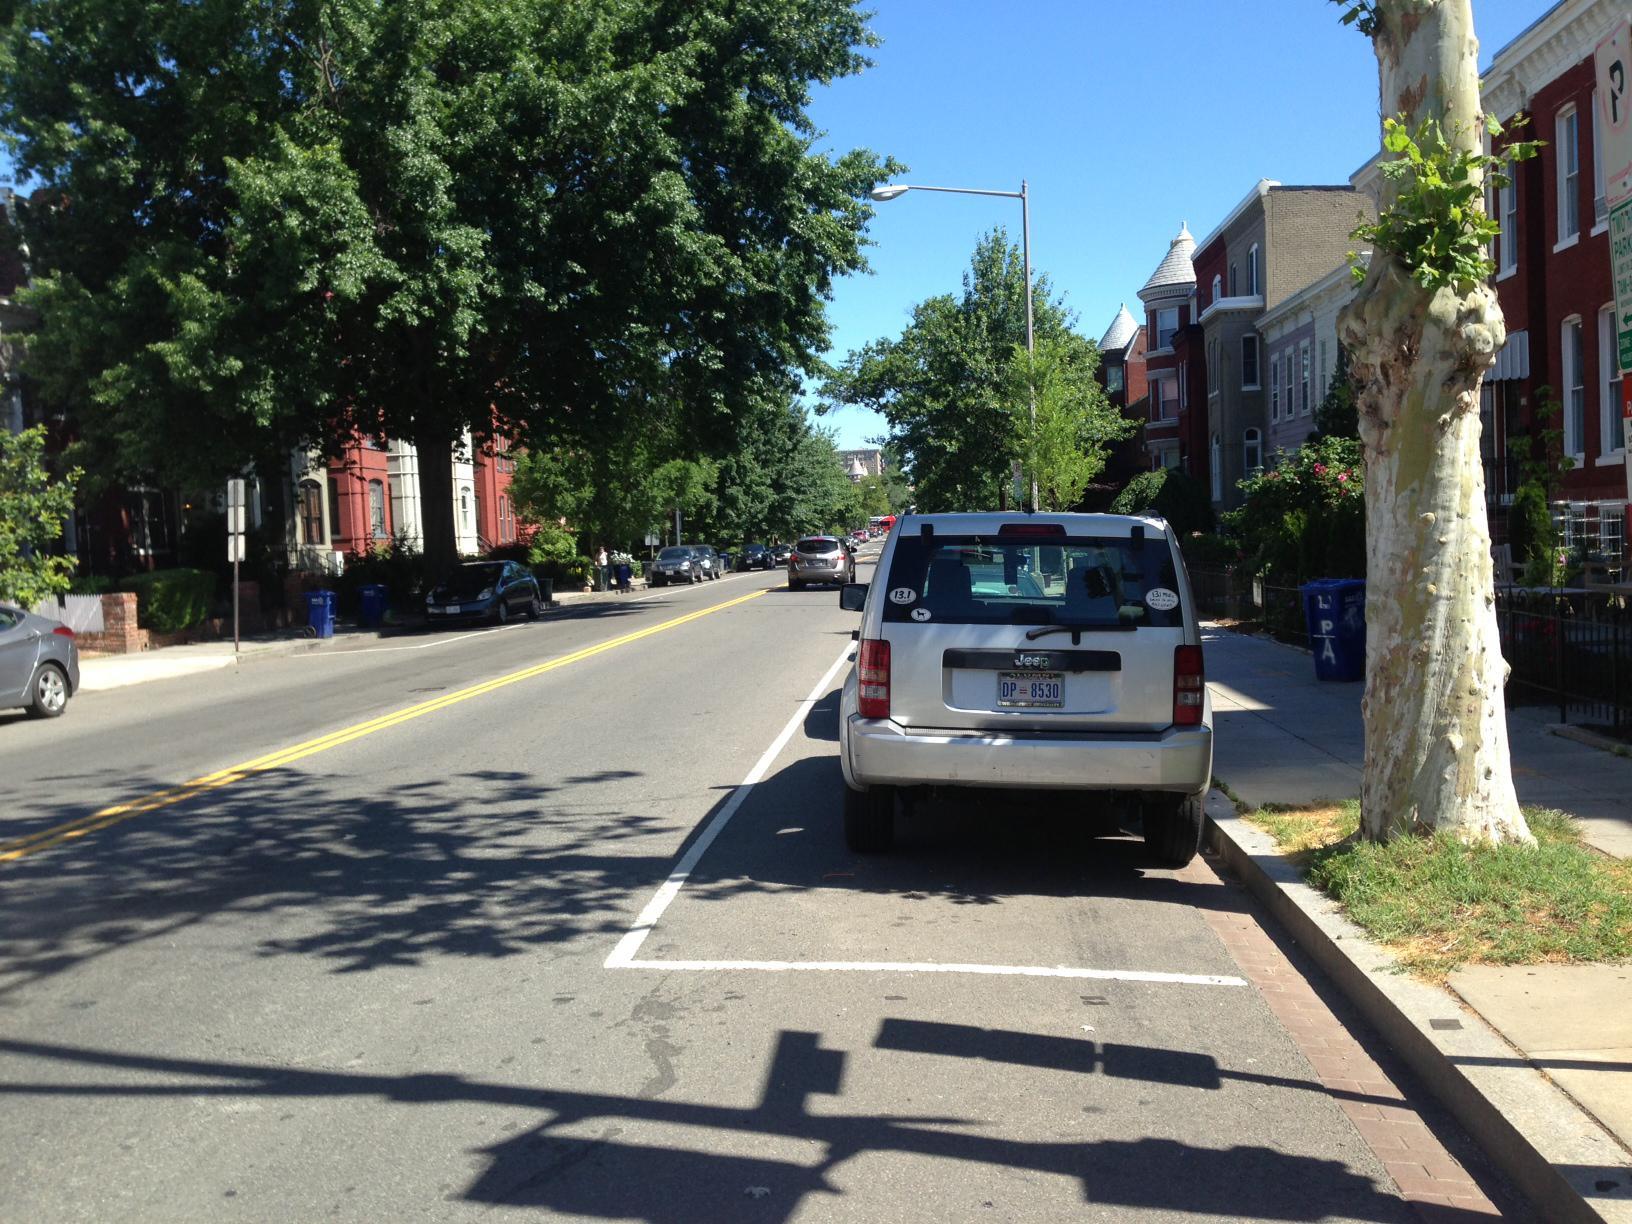 13th Street Northwest in Washington, D.C.